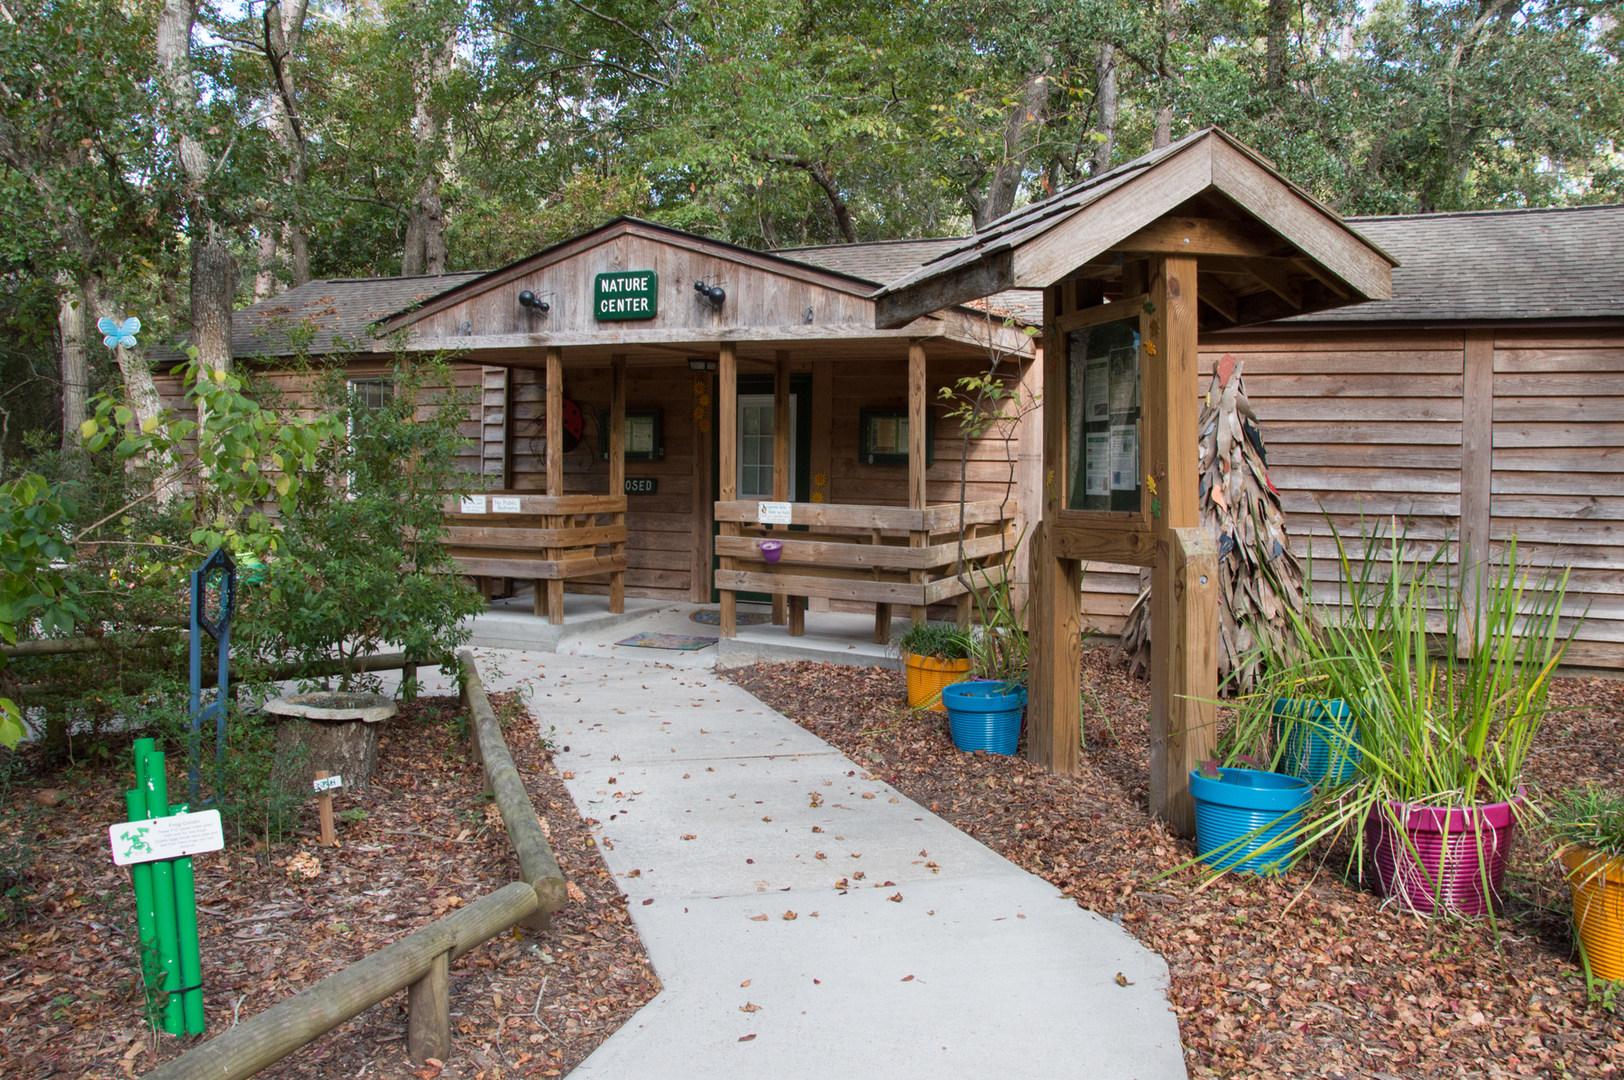 Myrtle Beach State Park Campground